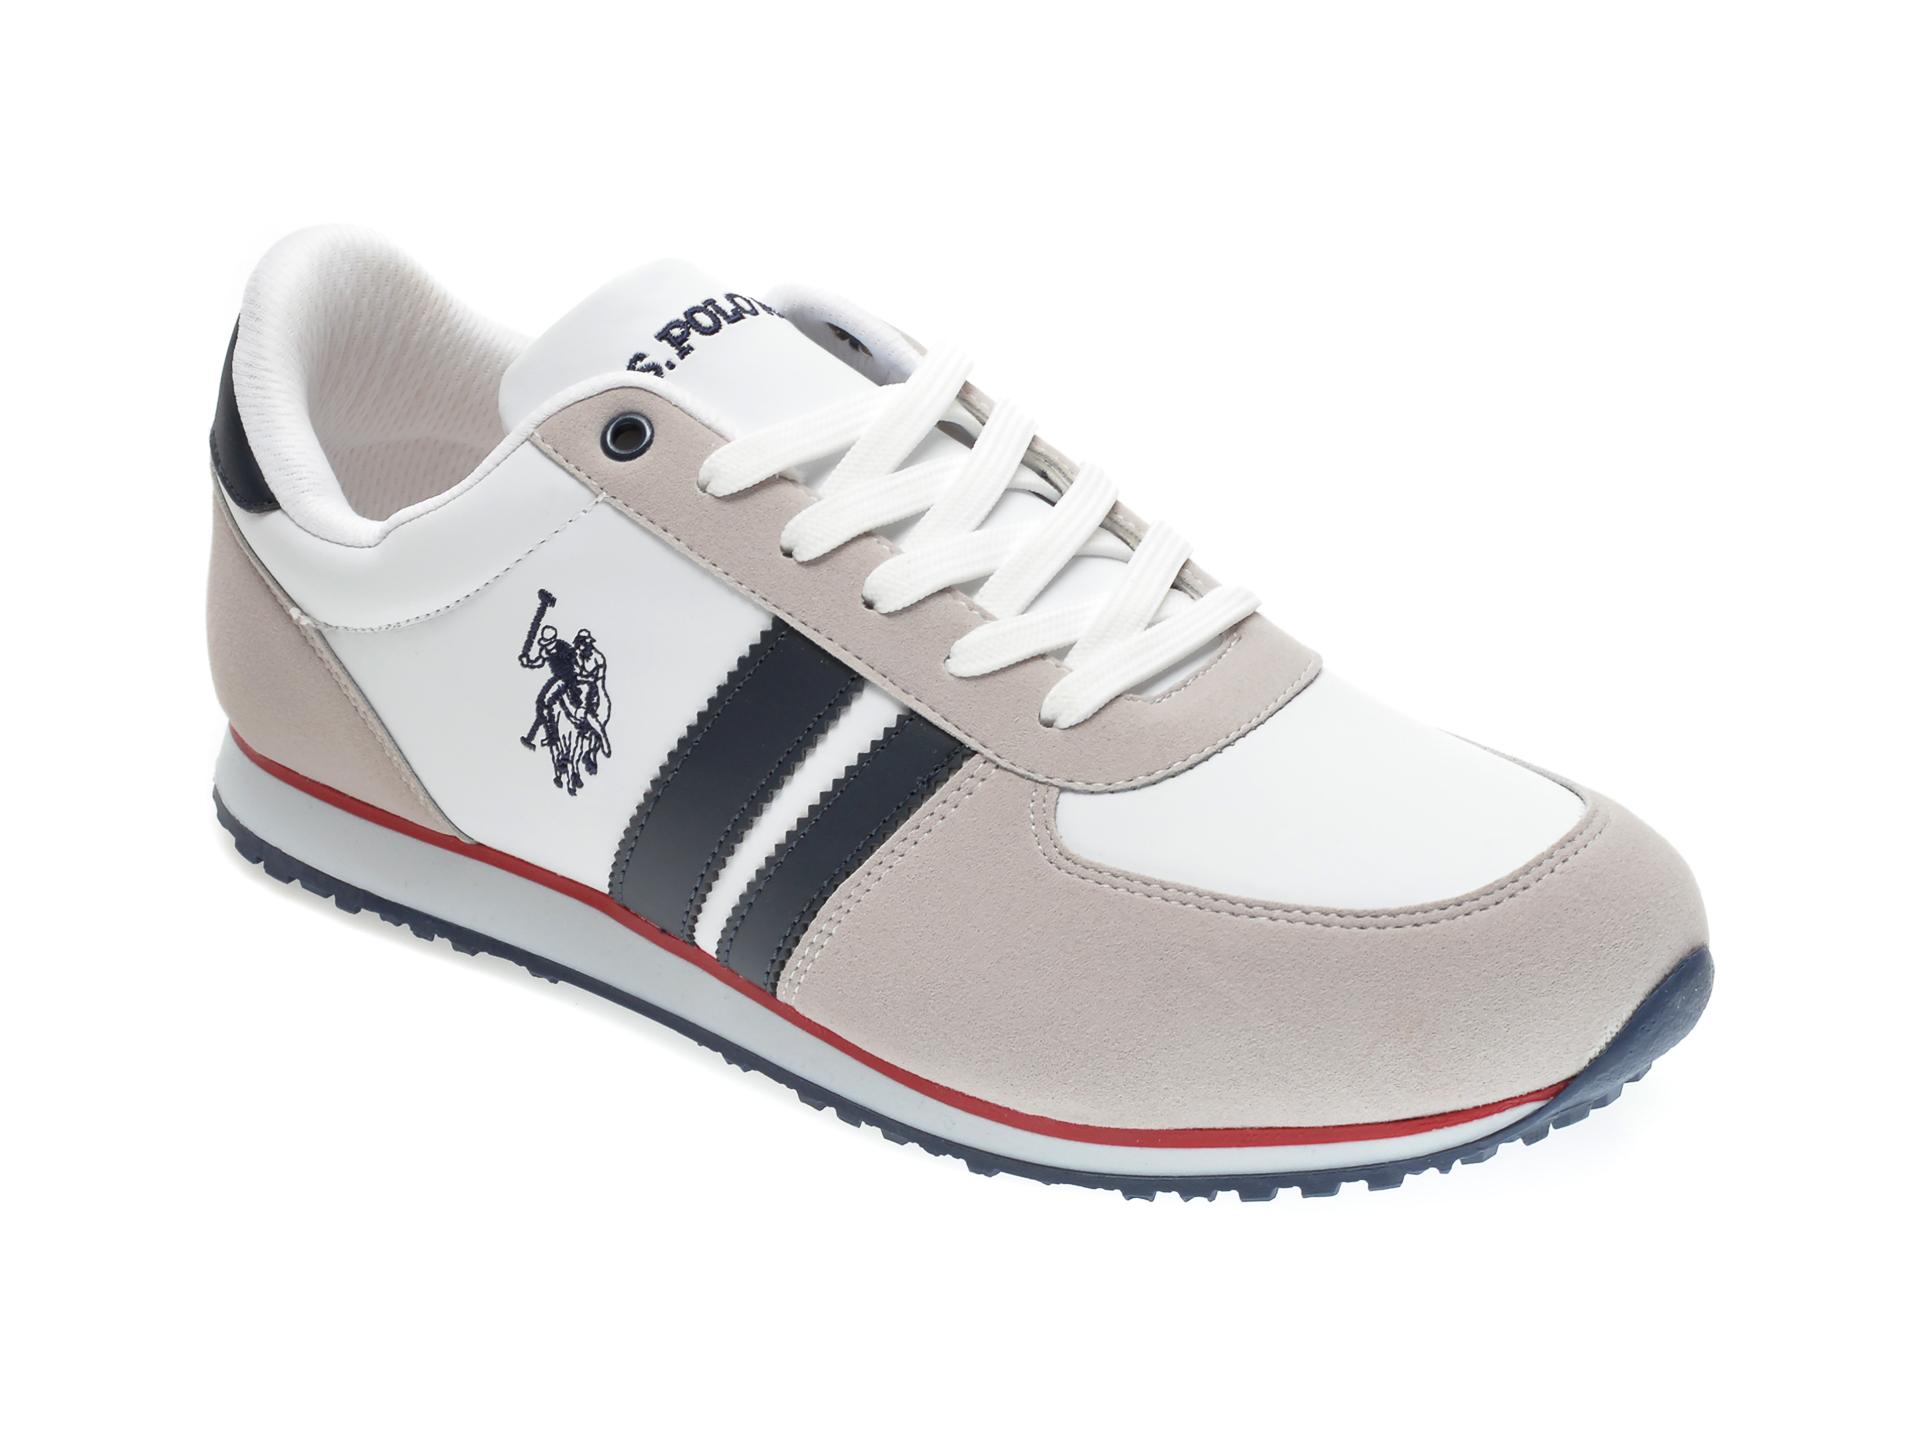 Pantofi sport US POLO ASSN albi, 418097, din piele ecologica imagine